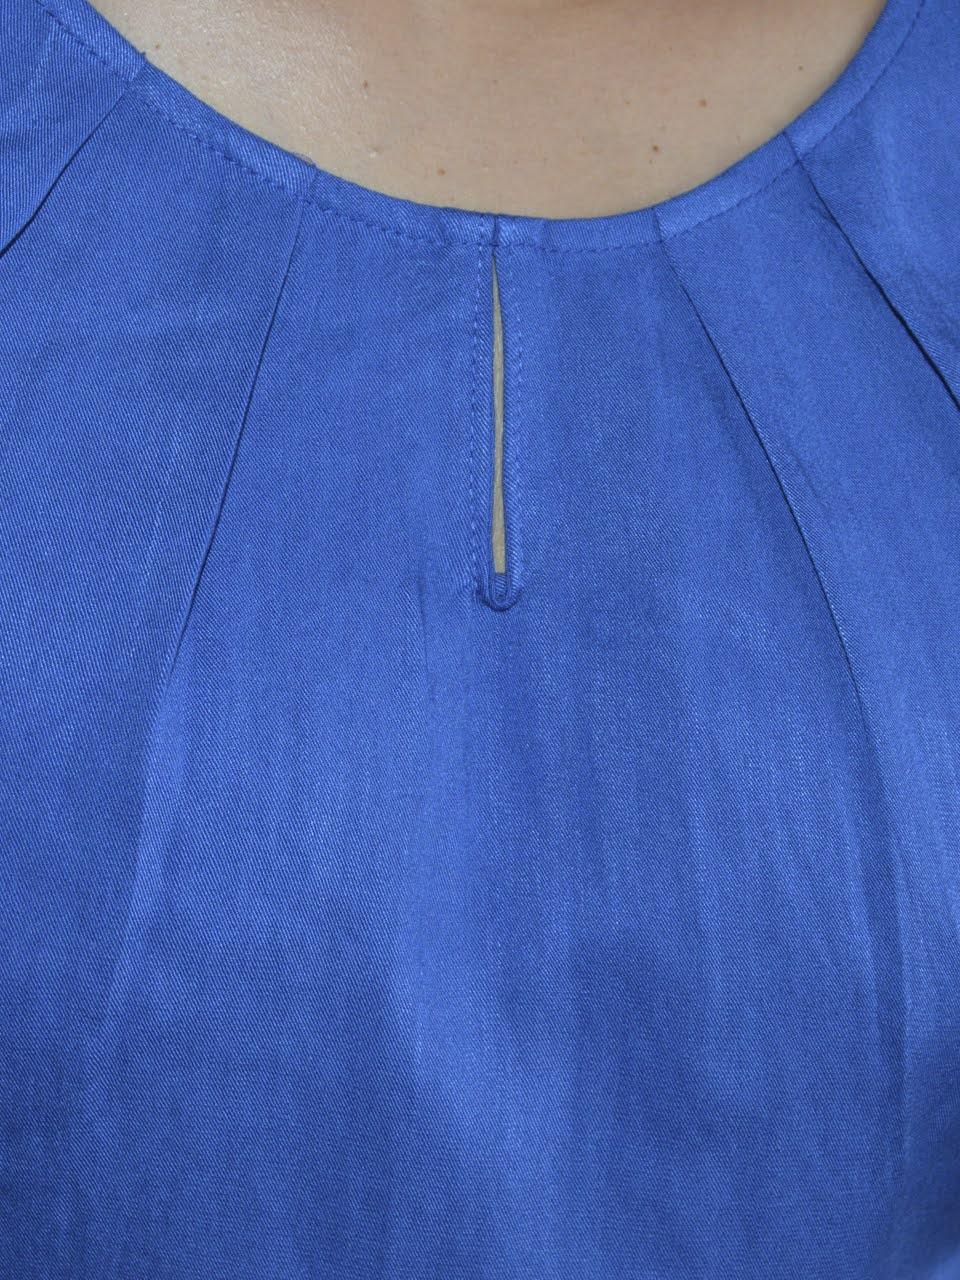 Conjunto Viscolinho - short e blusa